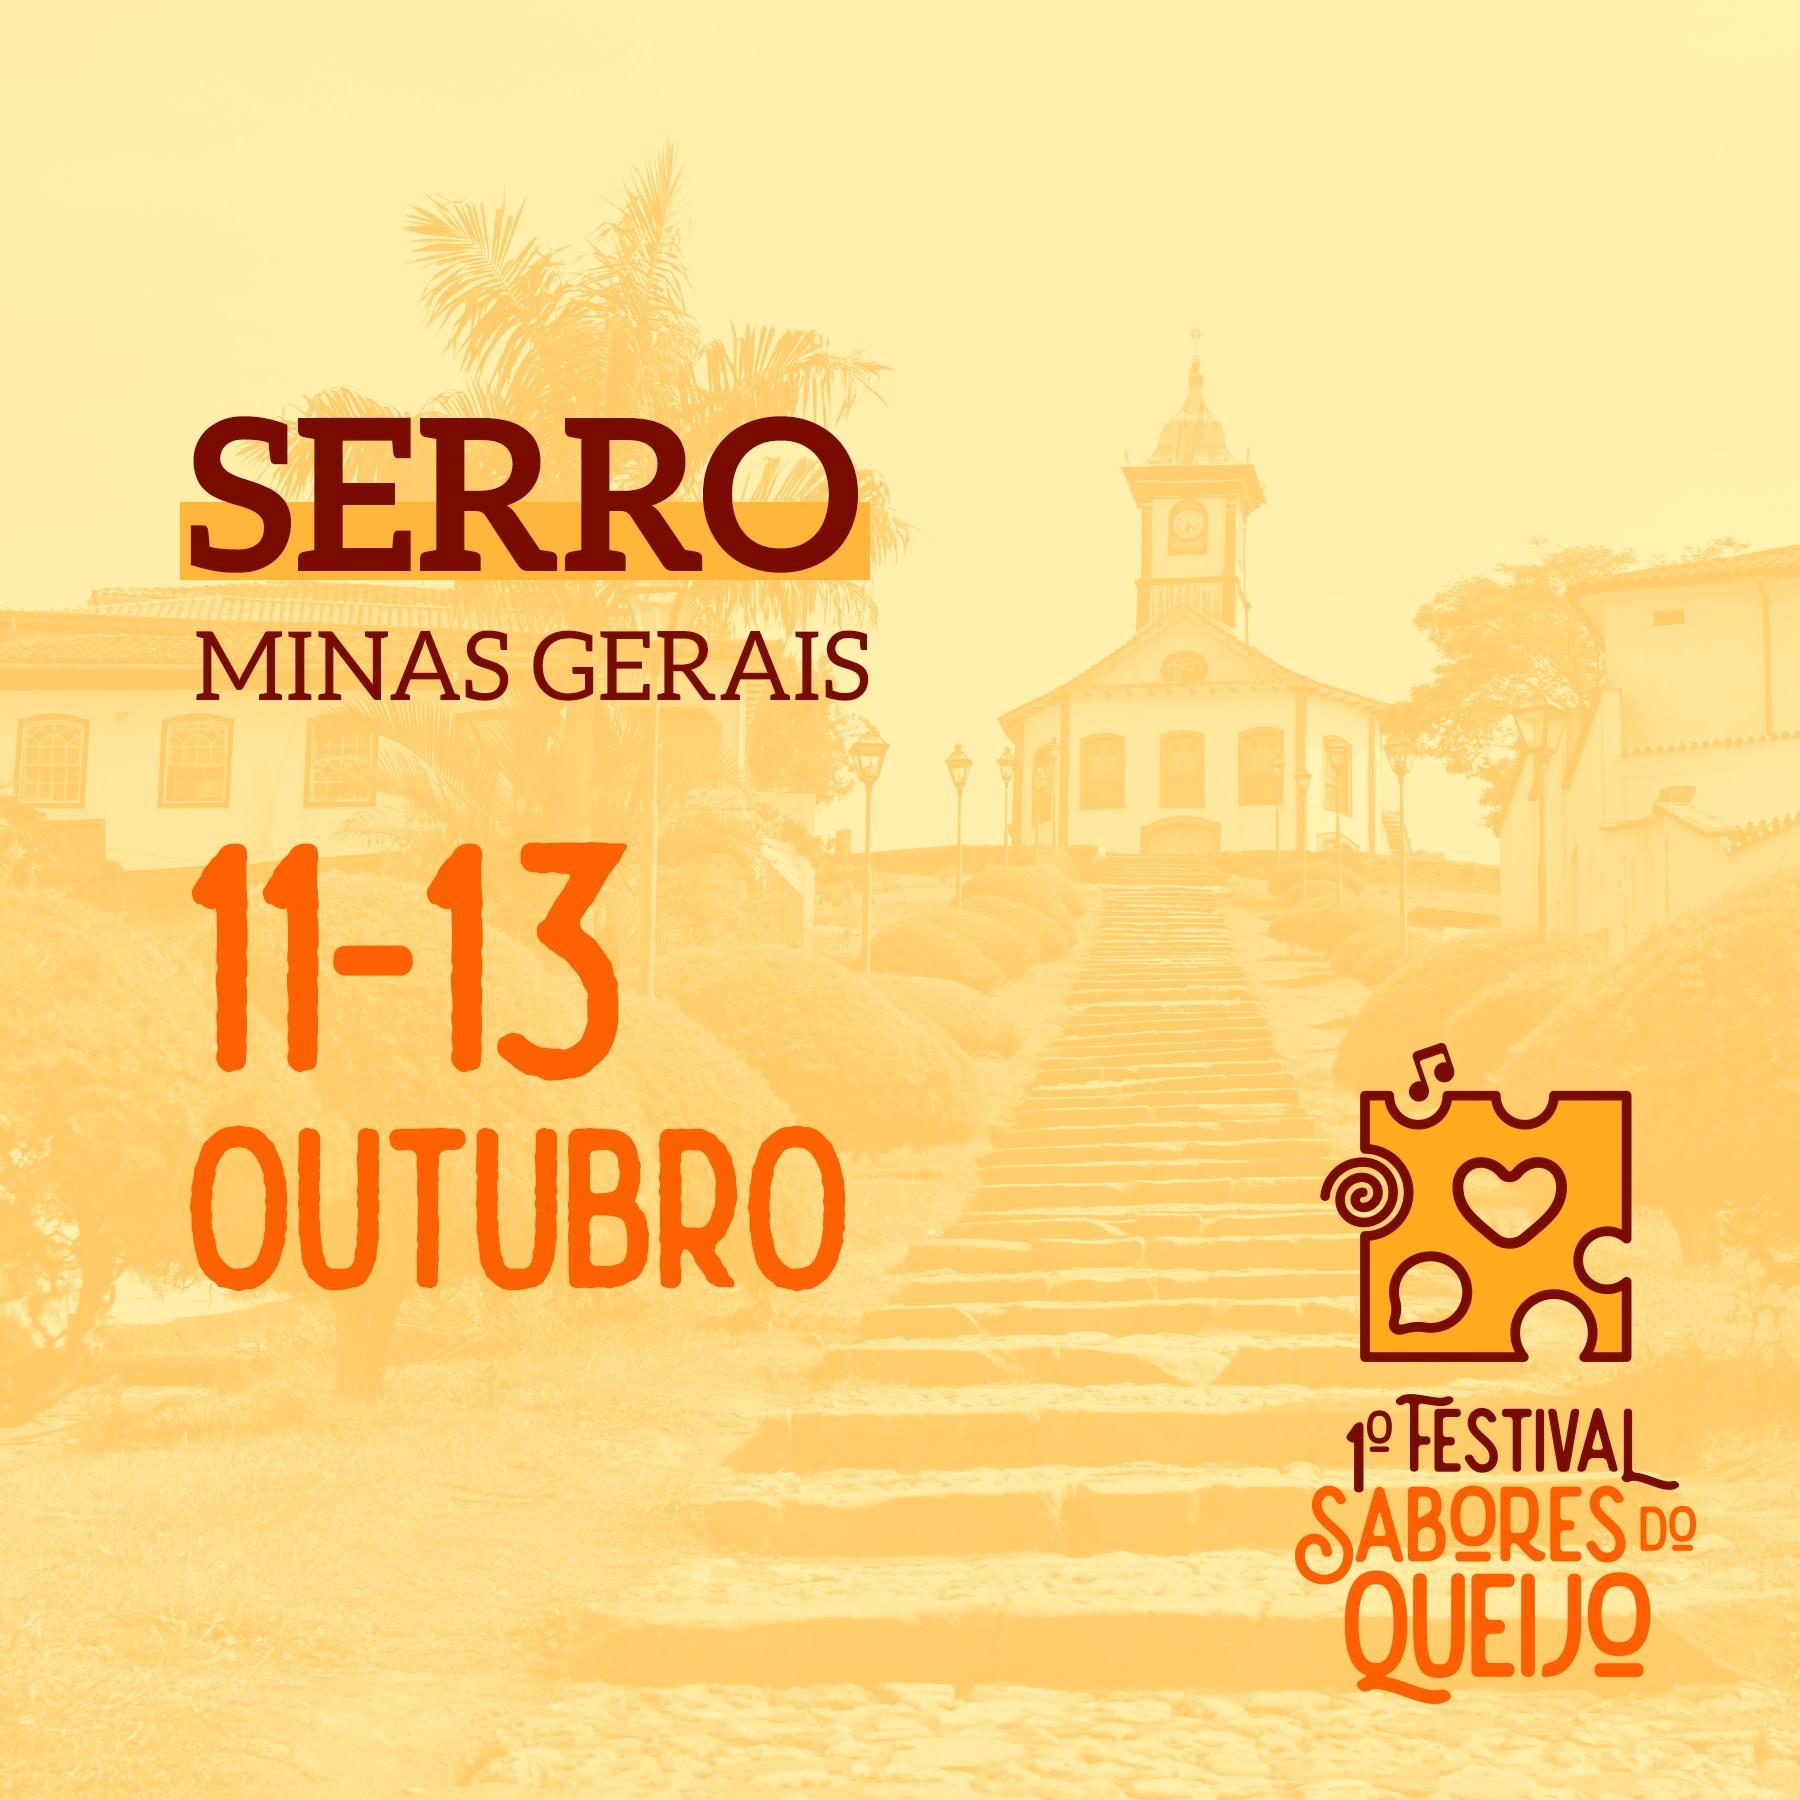 FESTIVAL SABORES DO QUEIJO - SERRO